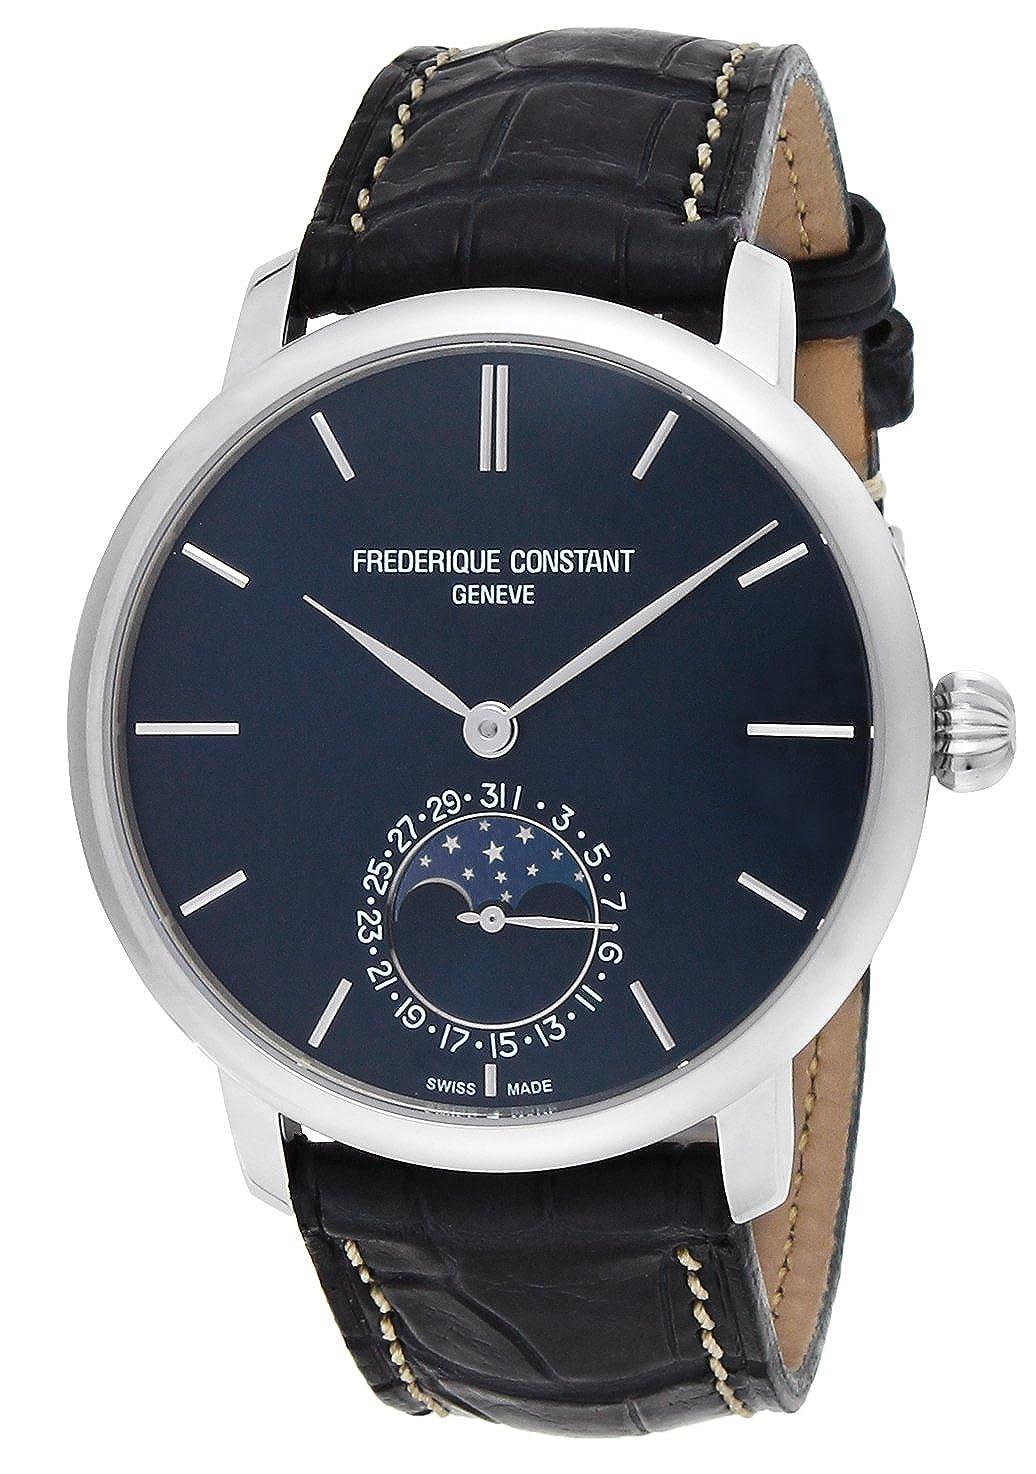 [フレデリックコンスタント]FREDERIQUE CONSTANT 腕時計 スリムラインネイビー文字盤 ムーンフェイズ 705N4S6 メンズ 【並行輸入品】 B072TGY154